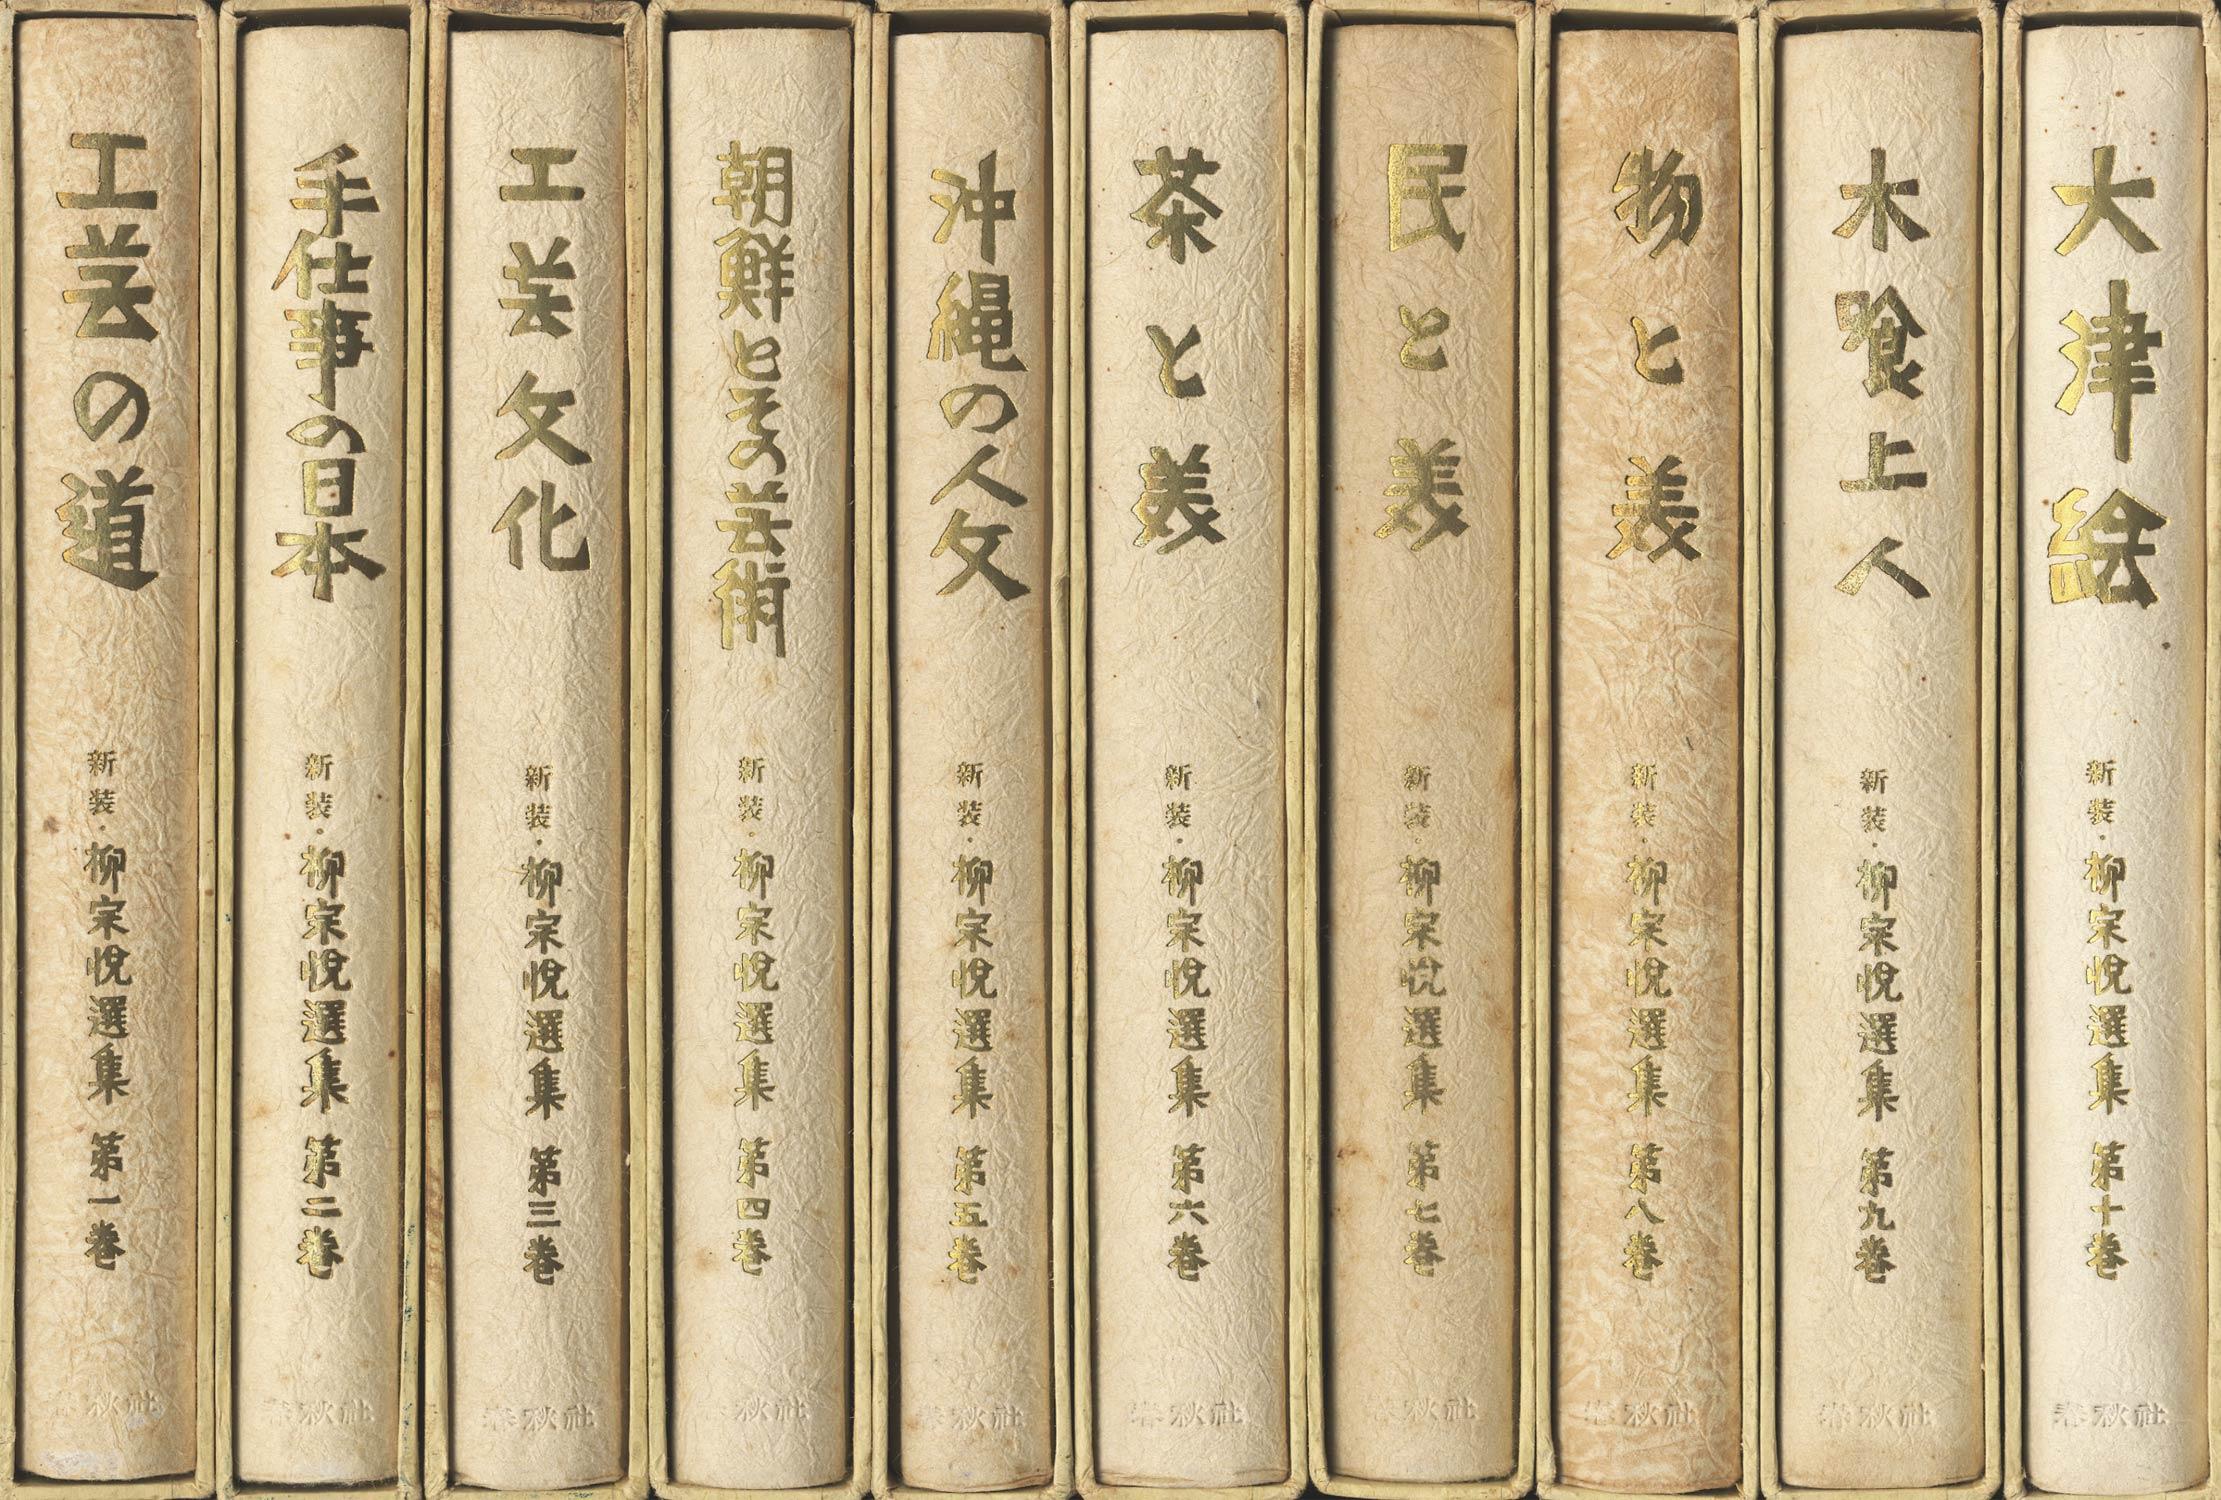 新装 柳宗悦選集 全10巻揃[image2]